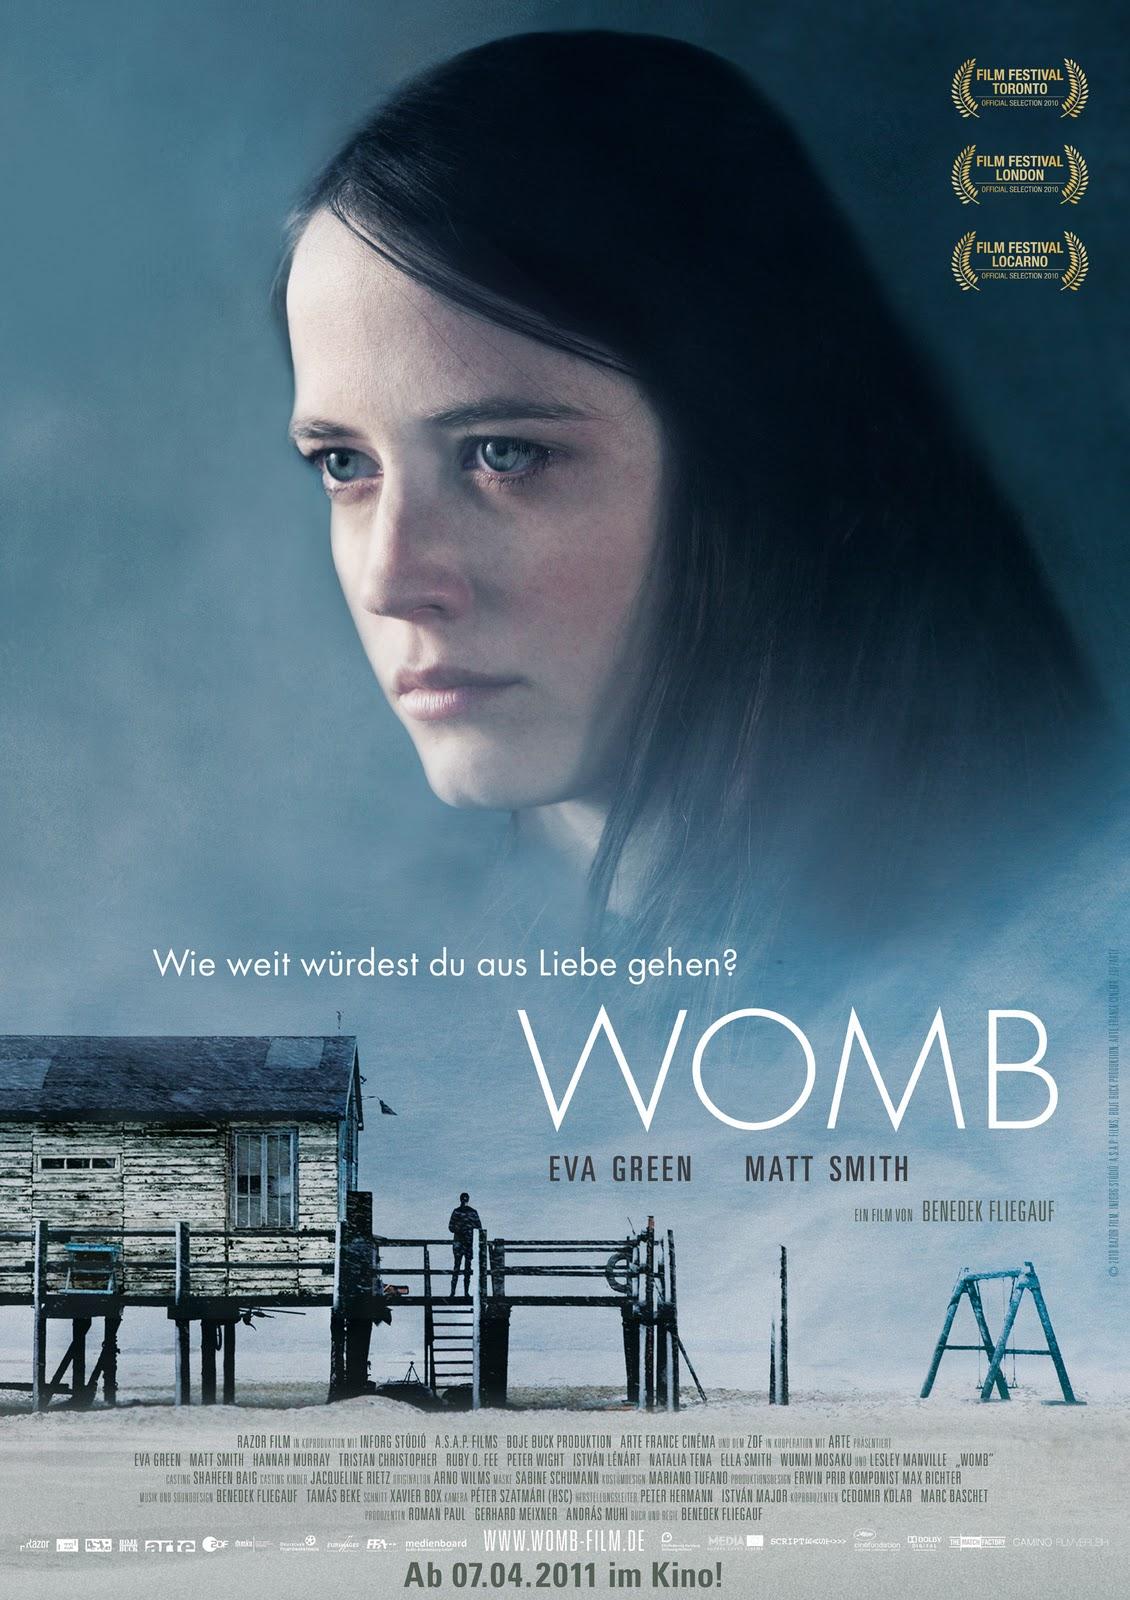 Womb 2010